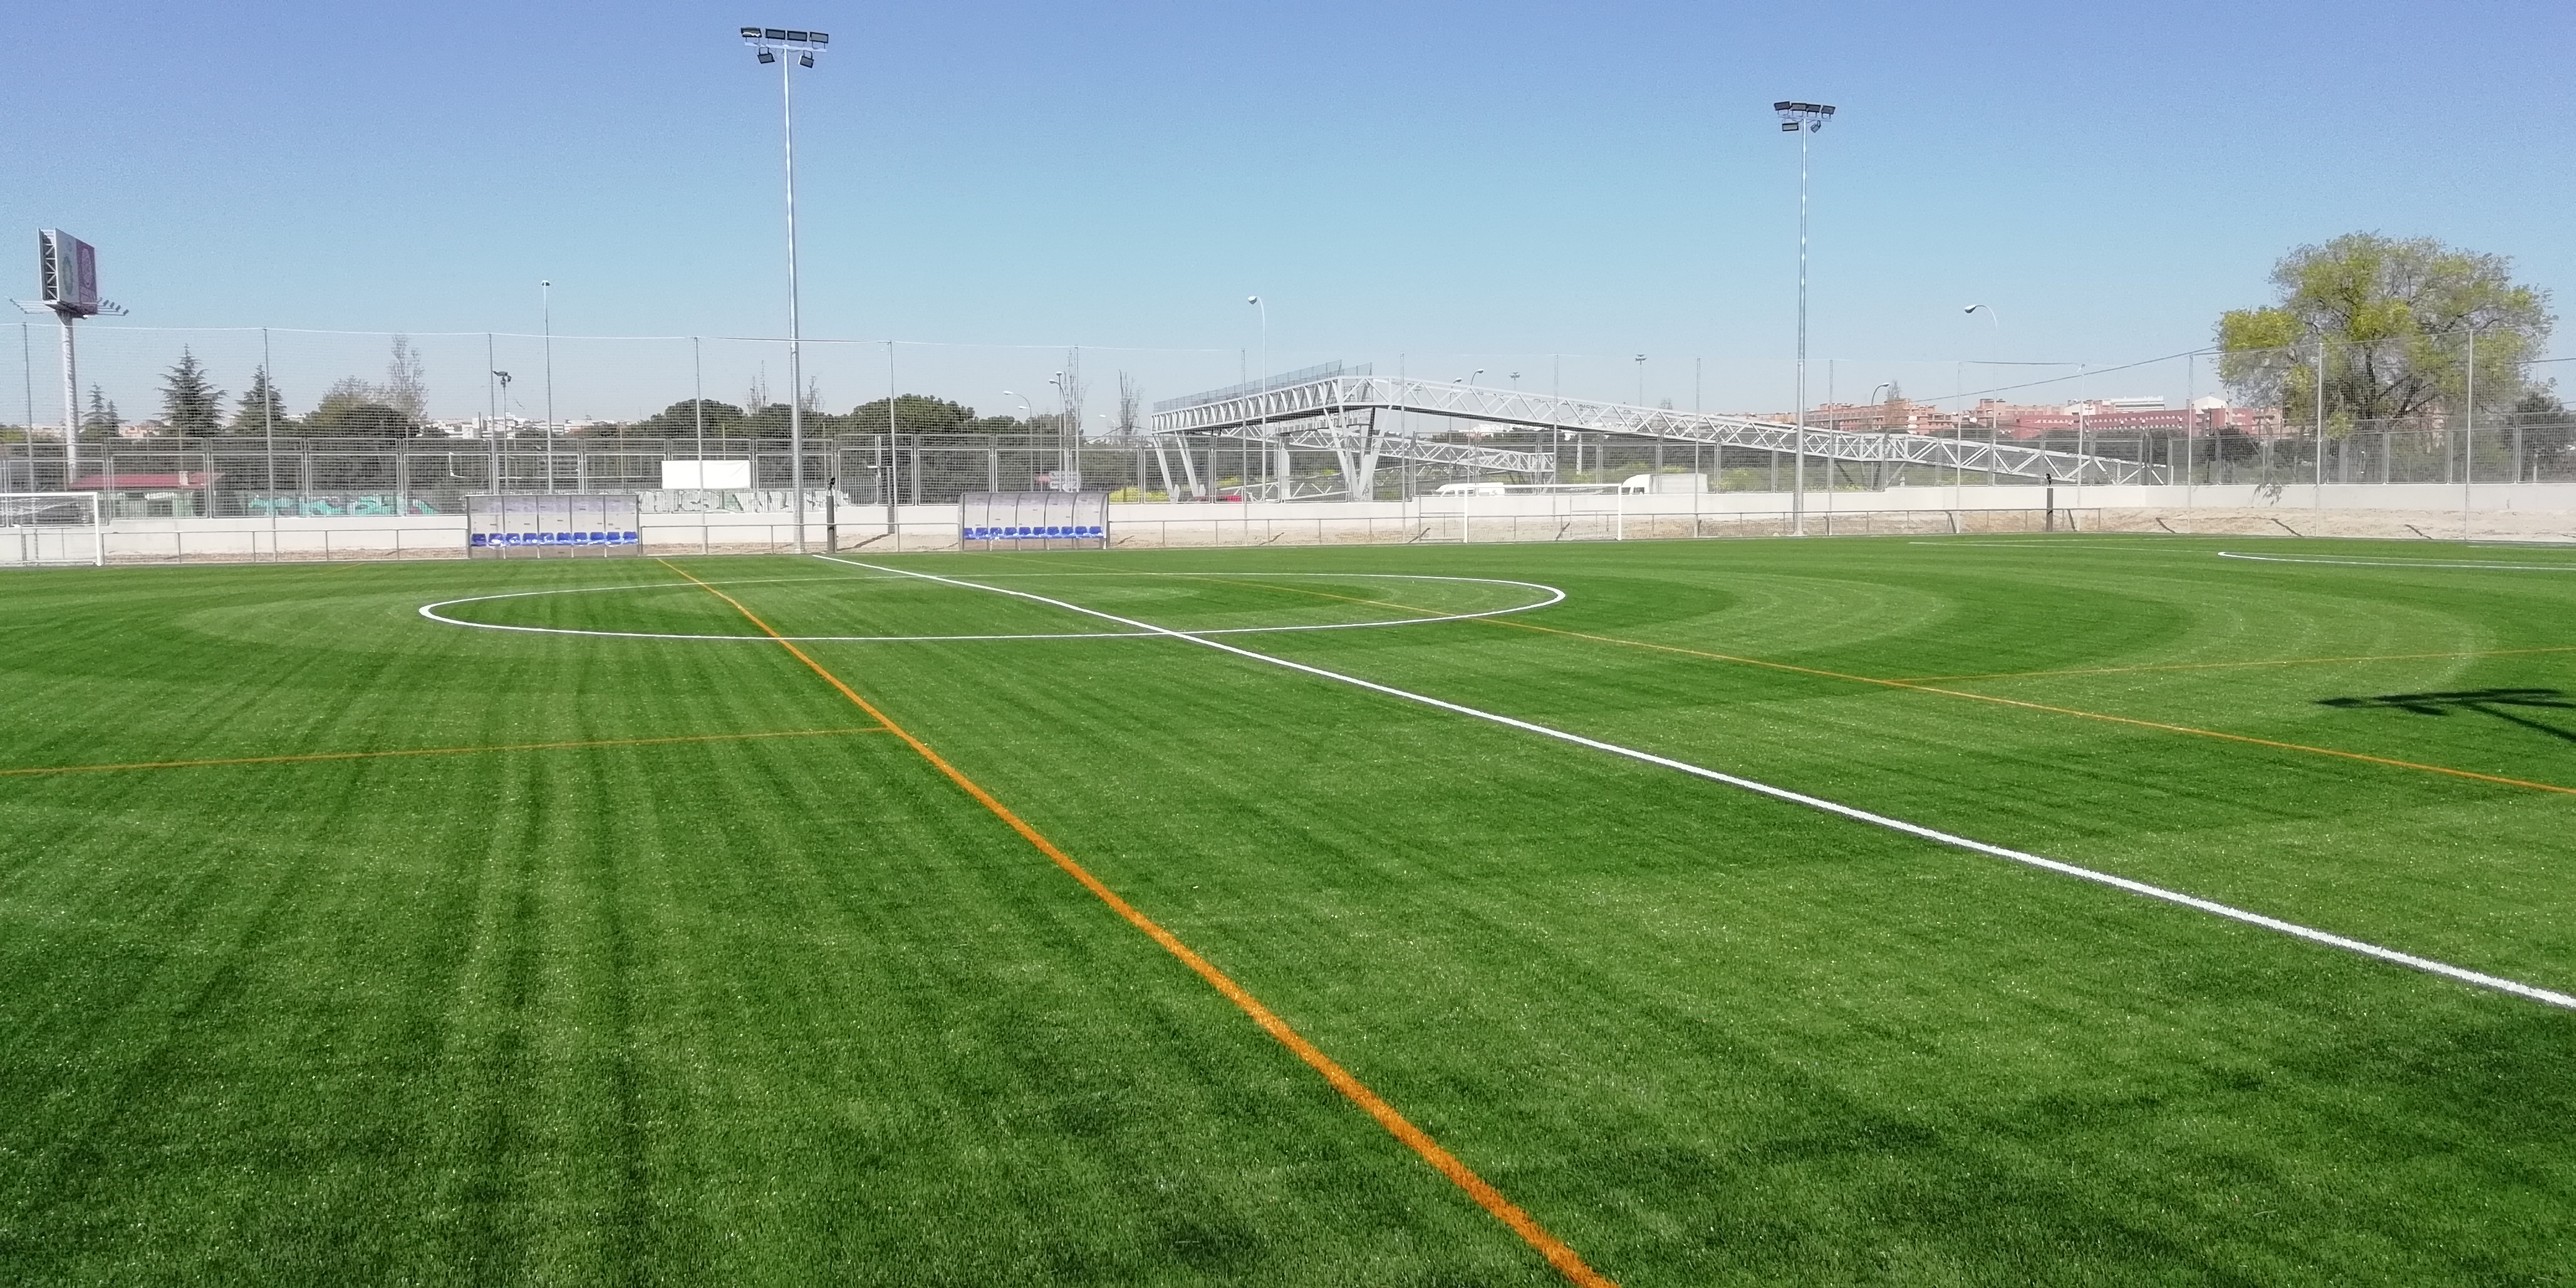 Campo de Fútbol Alzola, Madrid Image